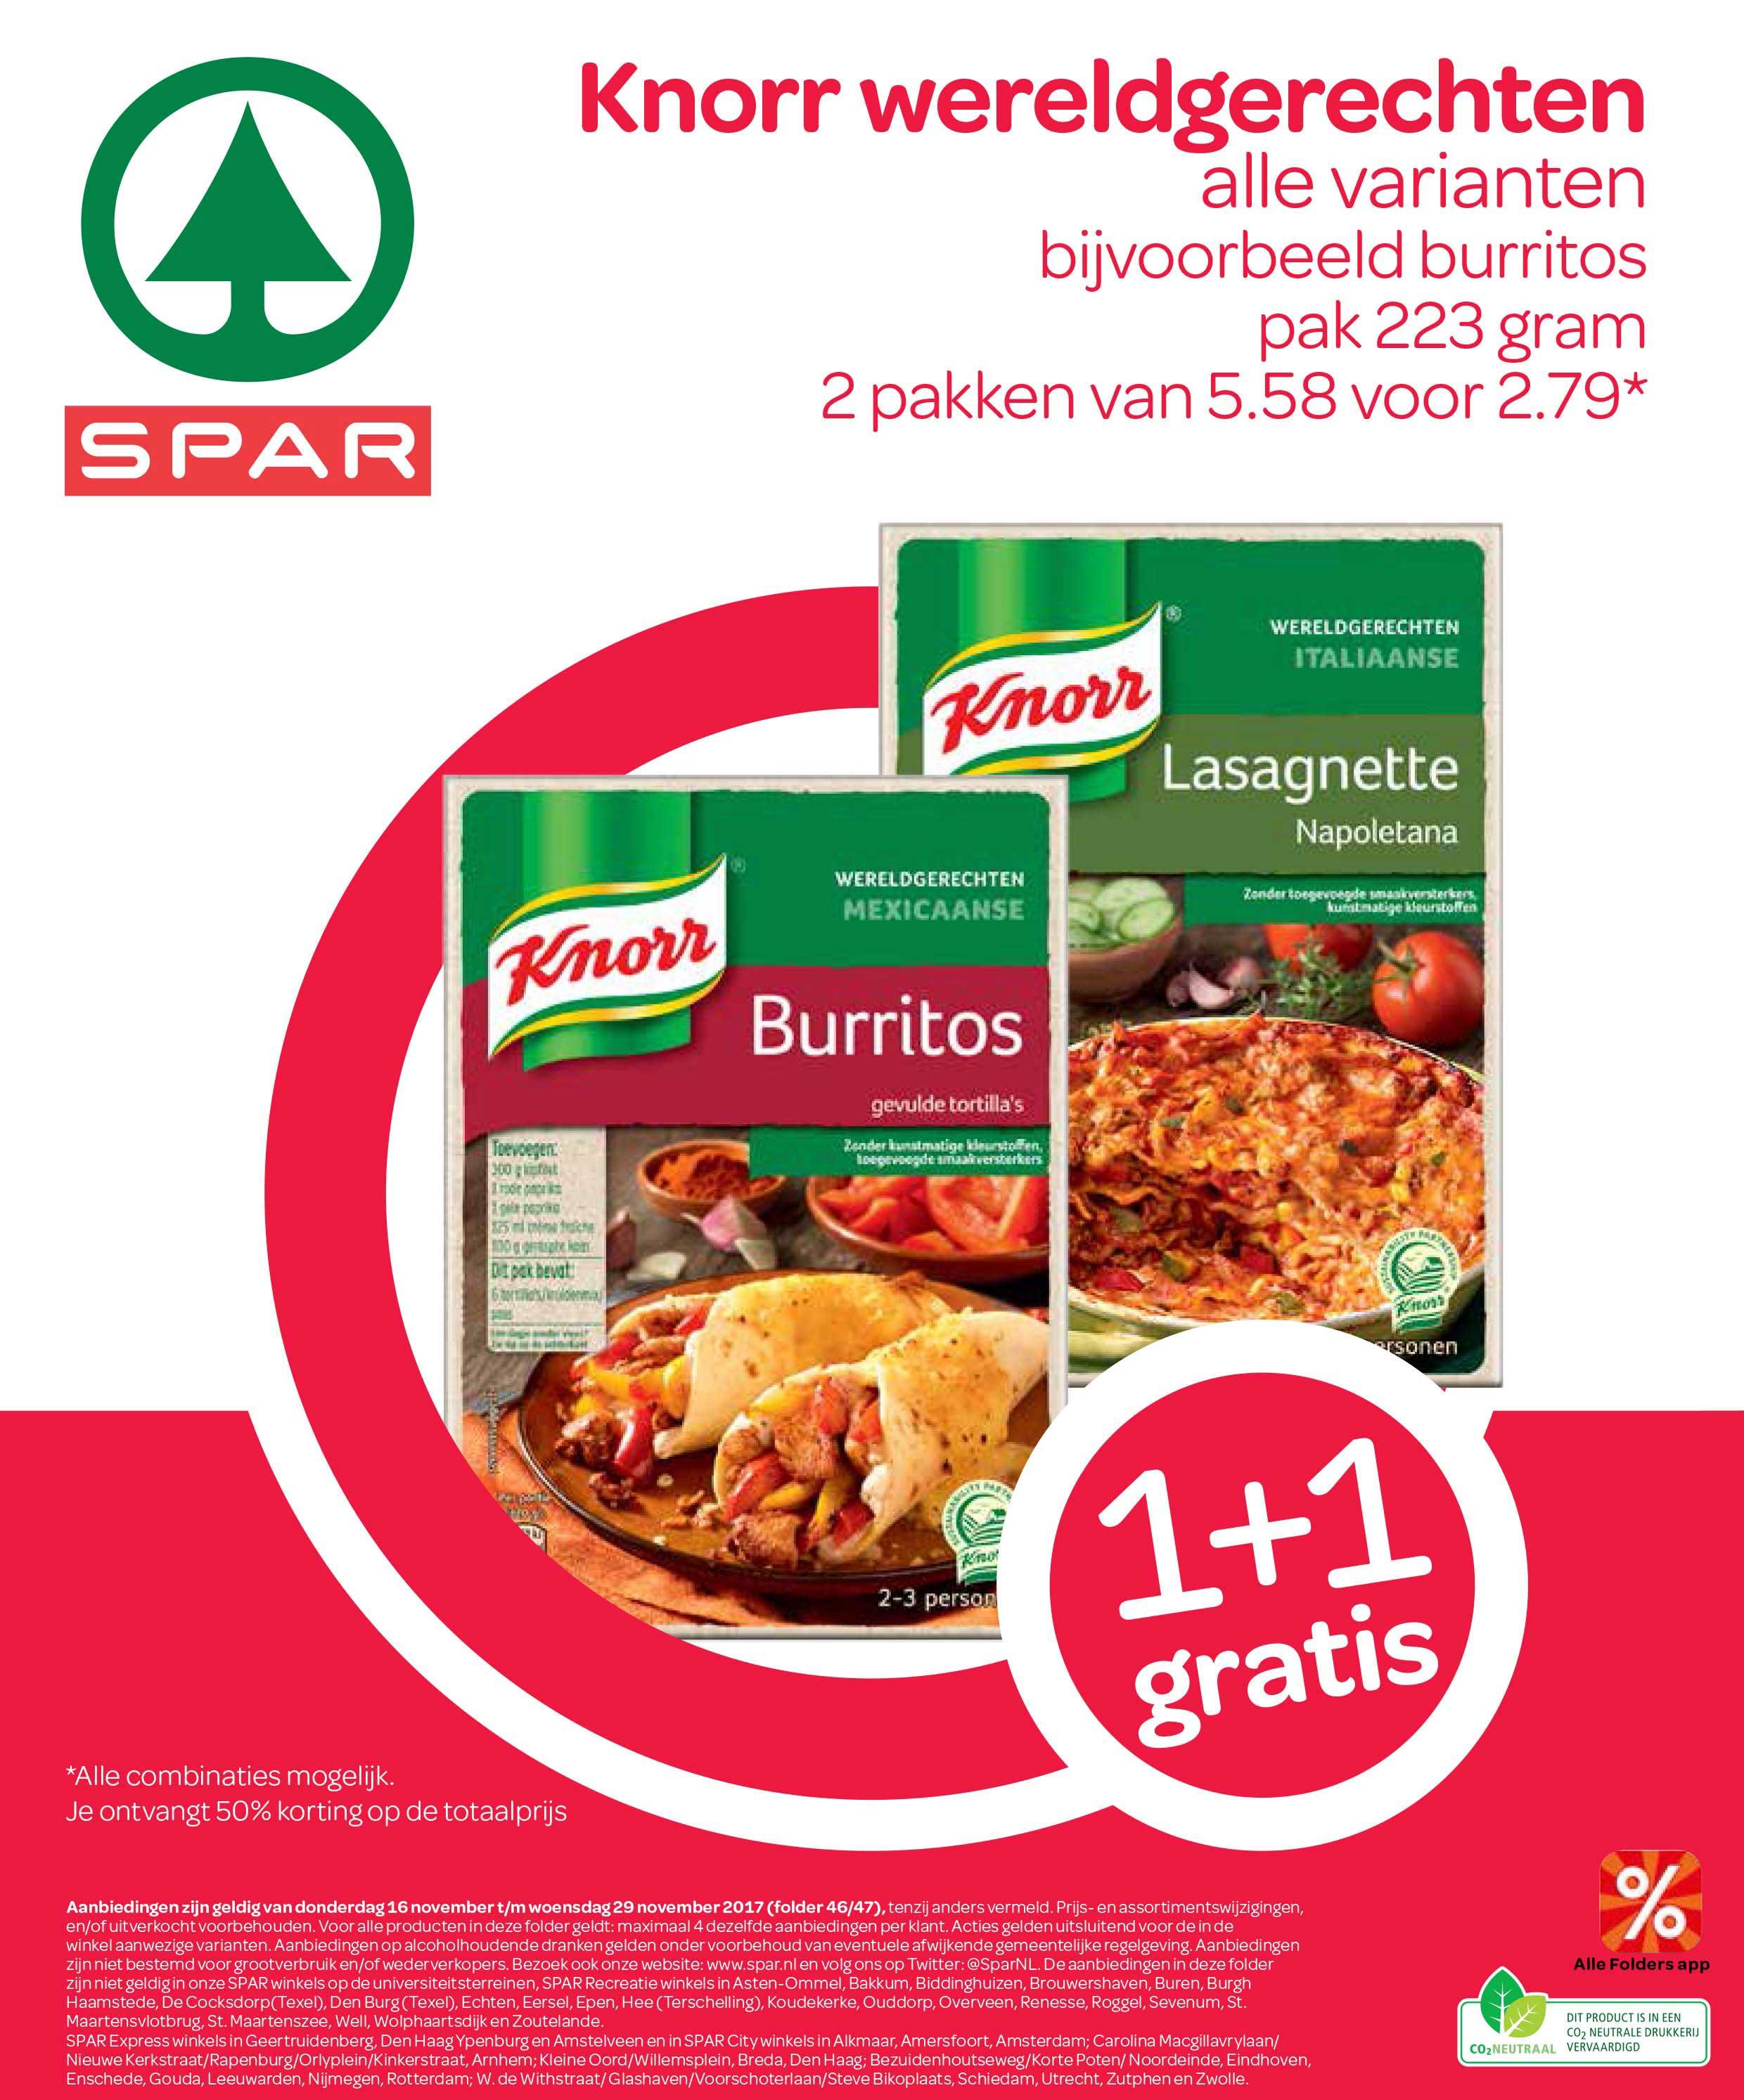 Spar Knorr Wereldgerechten: 1+1 Gratis